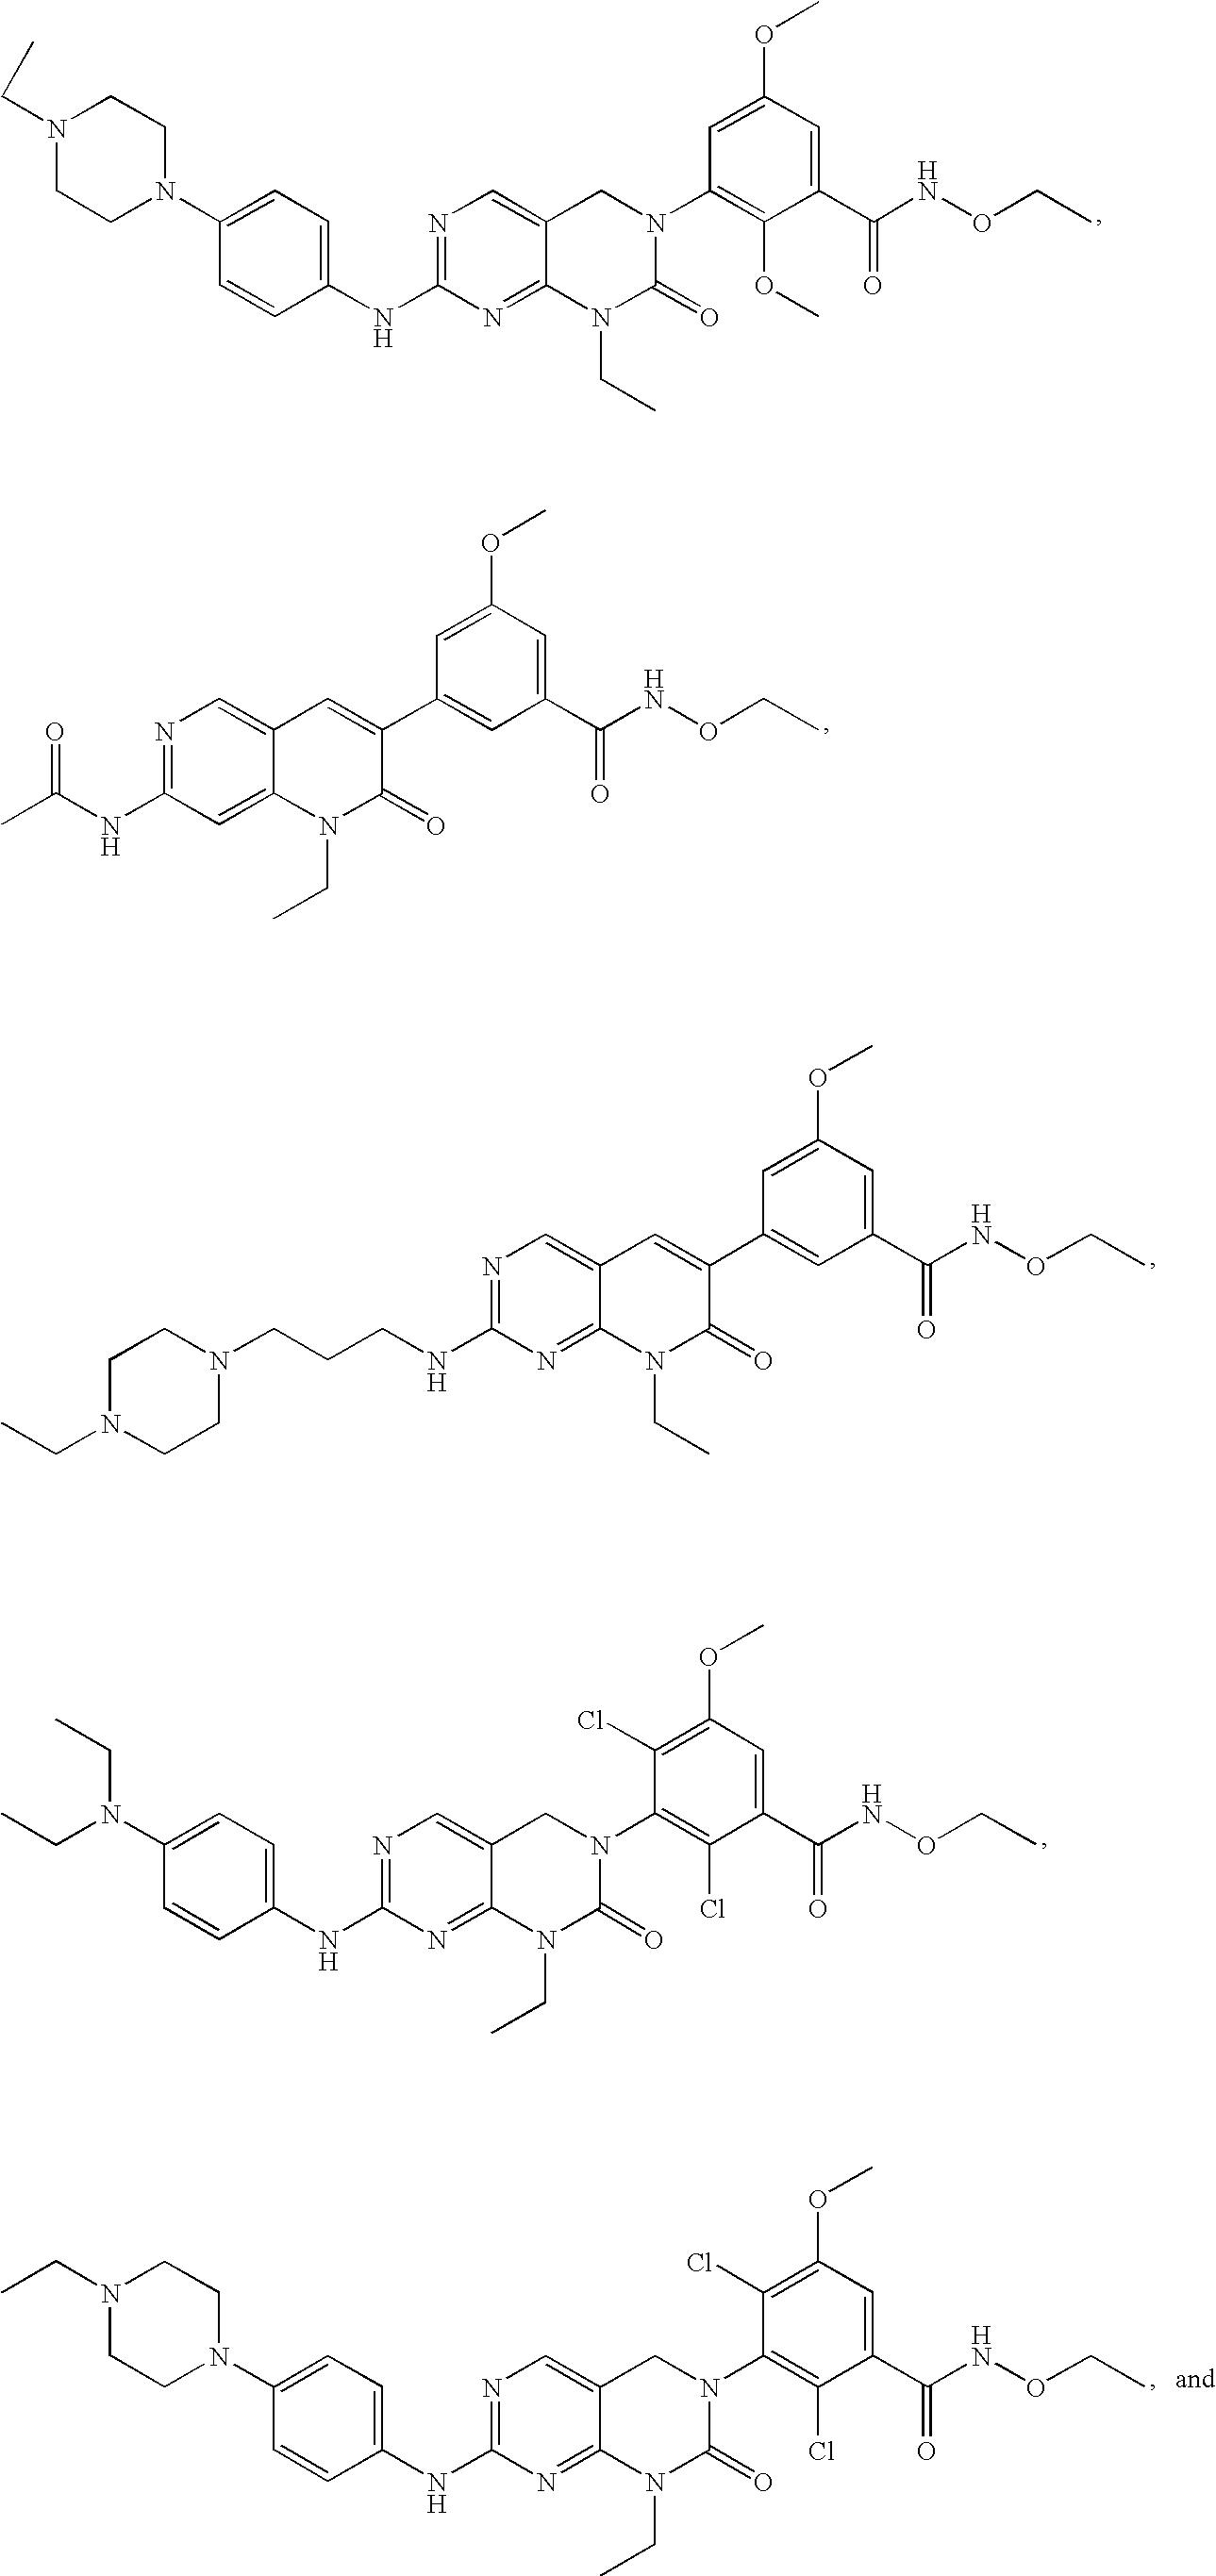 Figure US20090312321A1-20091217-C00081